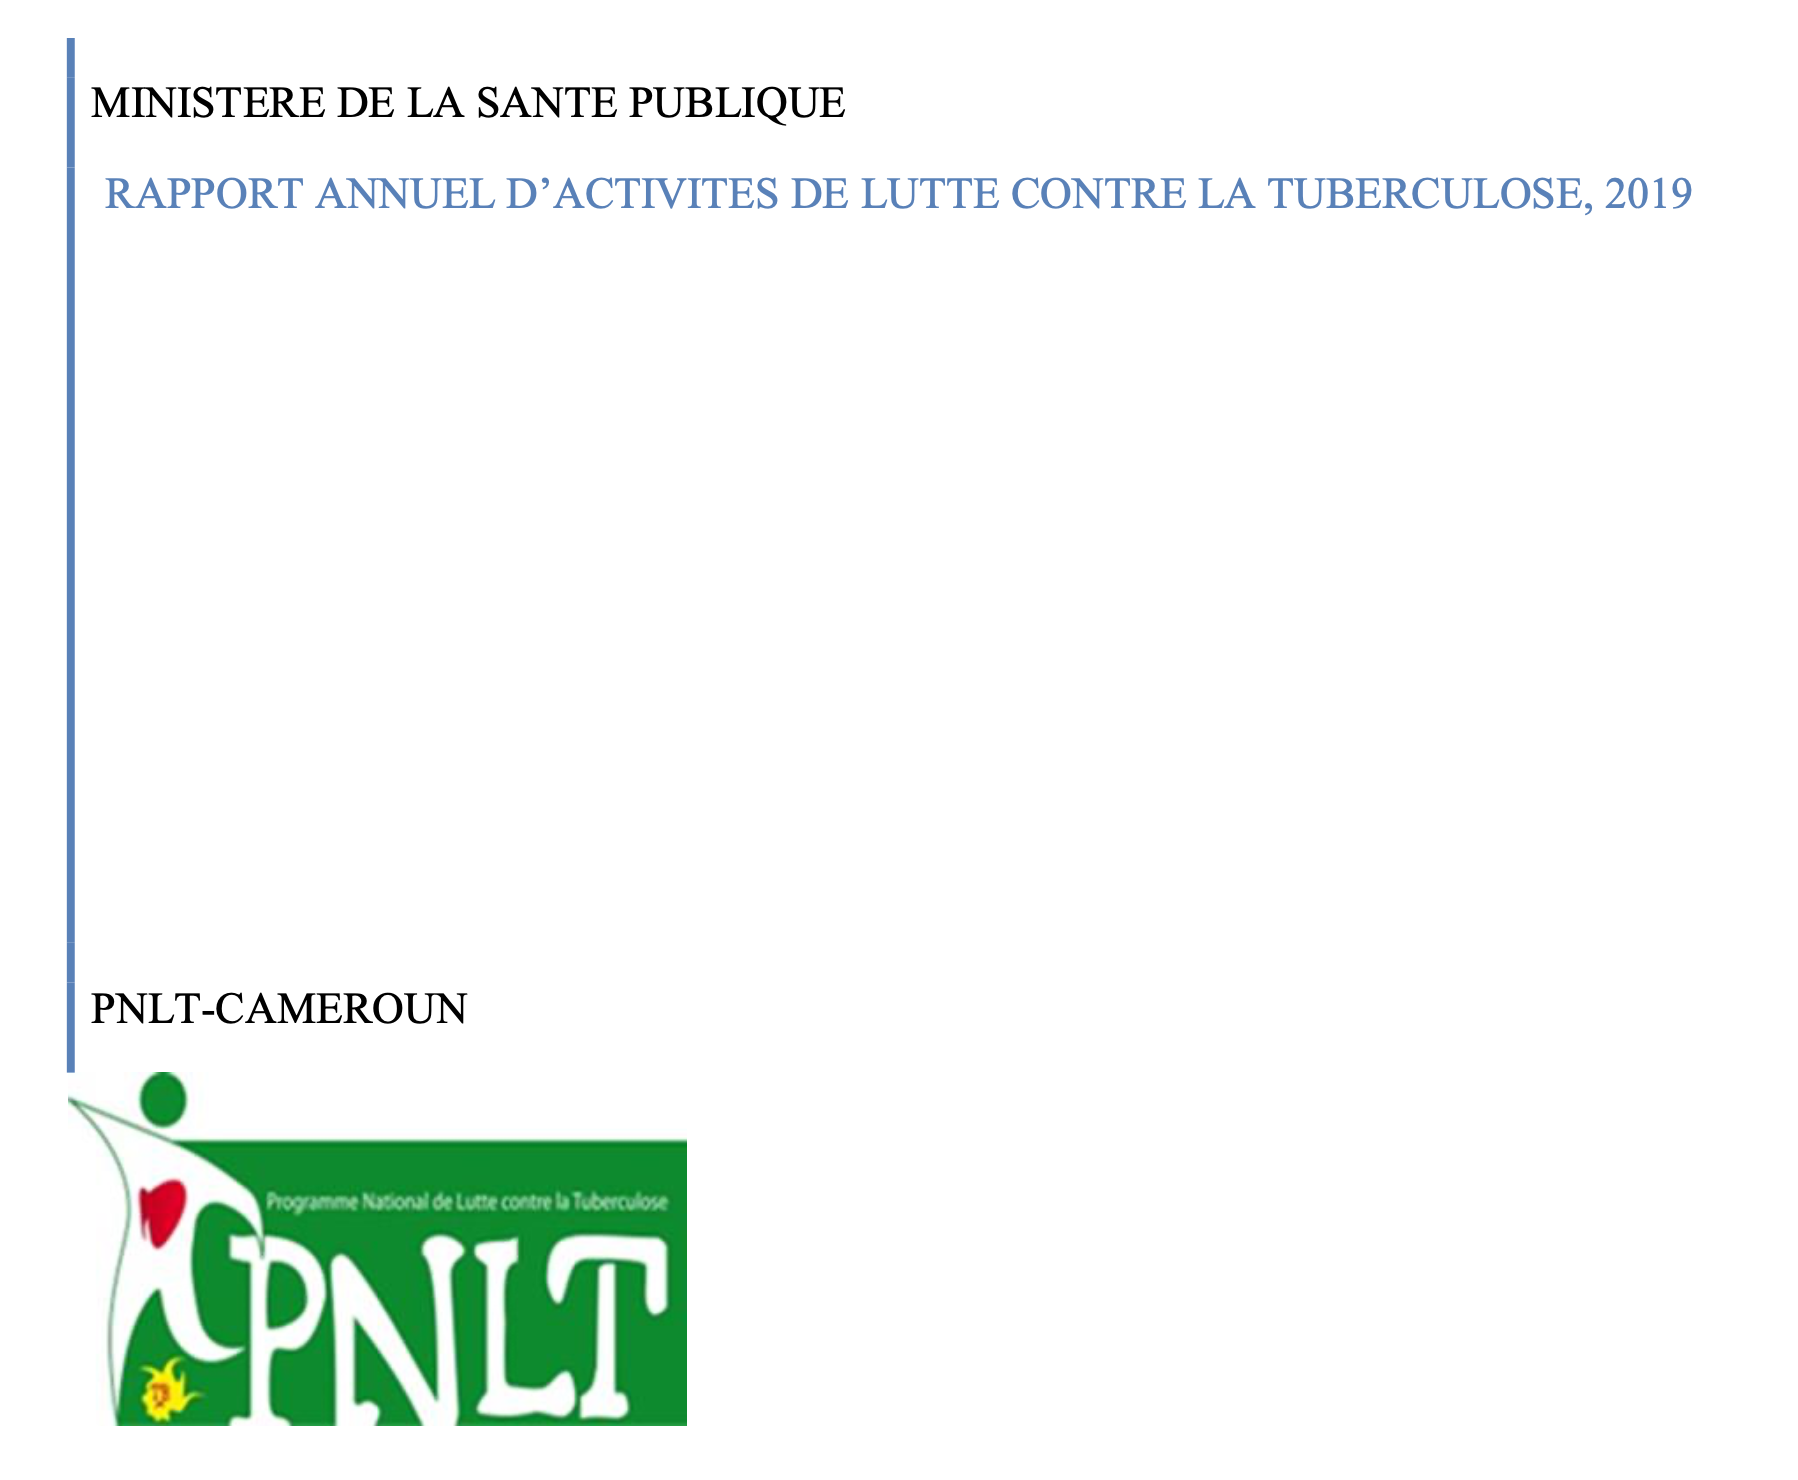 RAPPORT ANNUEL D'ACTIVITES DE LUTTE CONTRE LA TUBERCULOSE, 2019